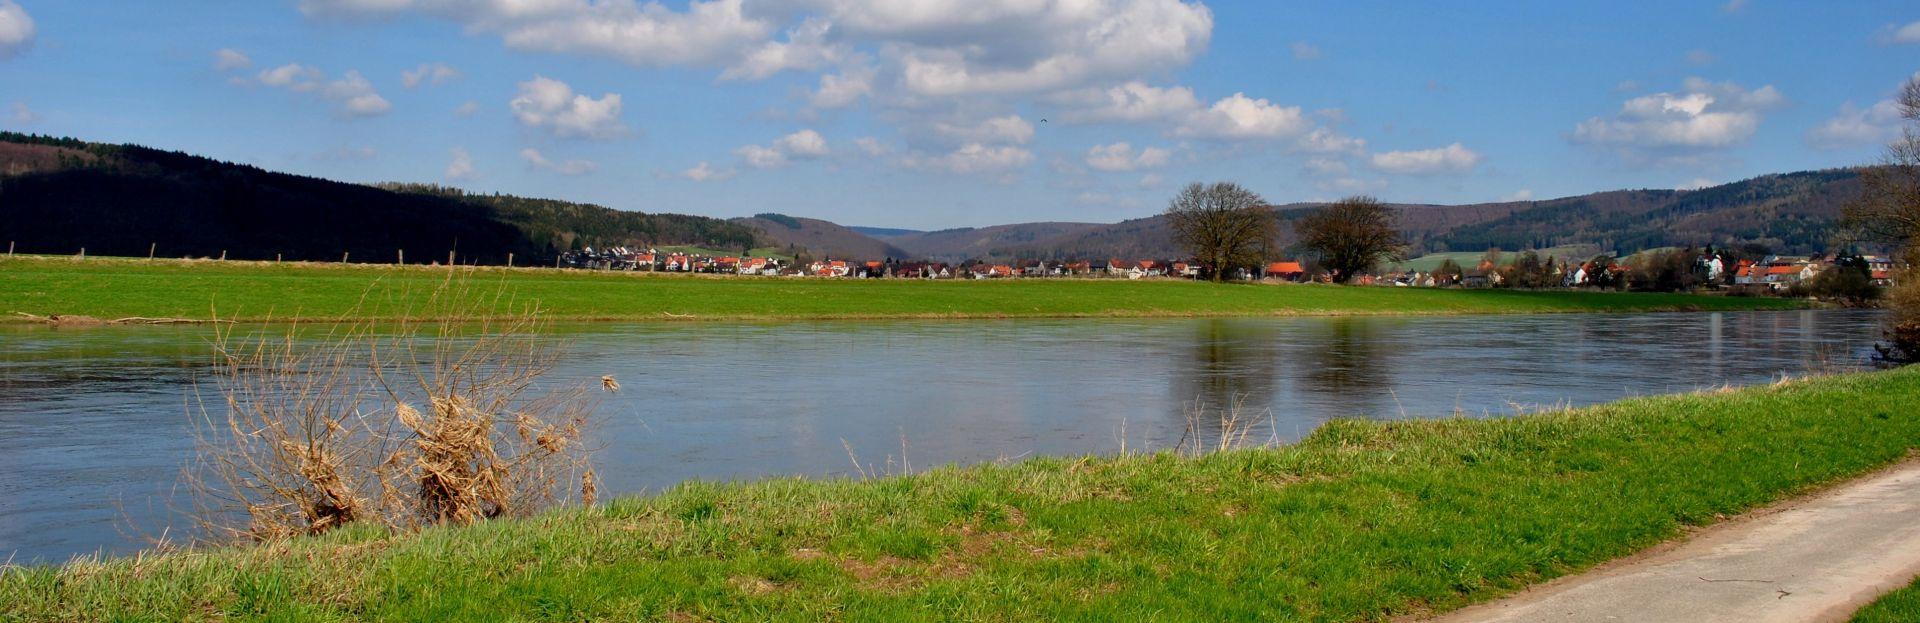 Weserblick bei Lippoldsberg. Fotografin: Tabea Melching, Uslar - Teilnehmerin des Fotowettbewerbs zum 125-jährigen Geburtstag des Landkreises Northeim.